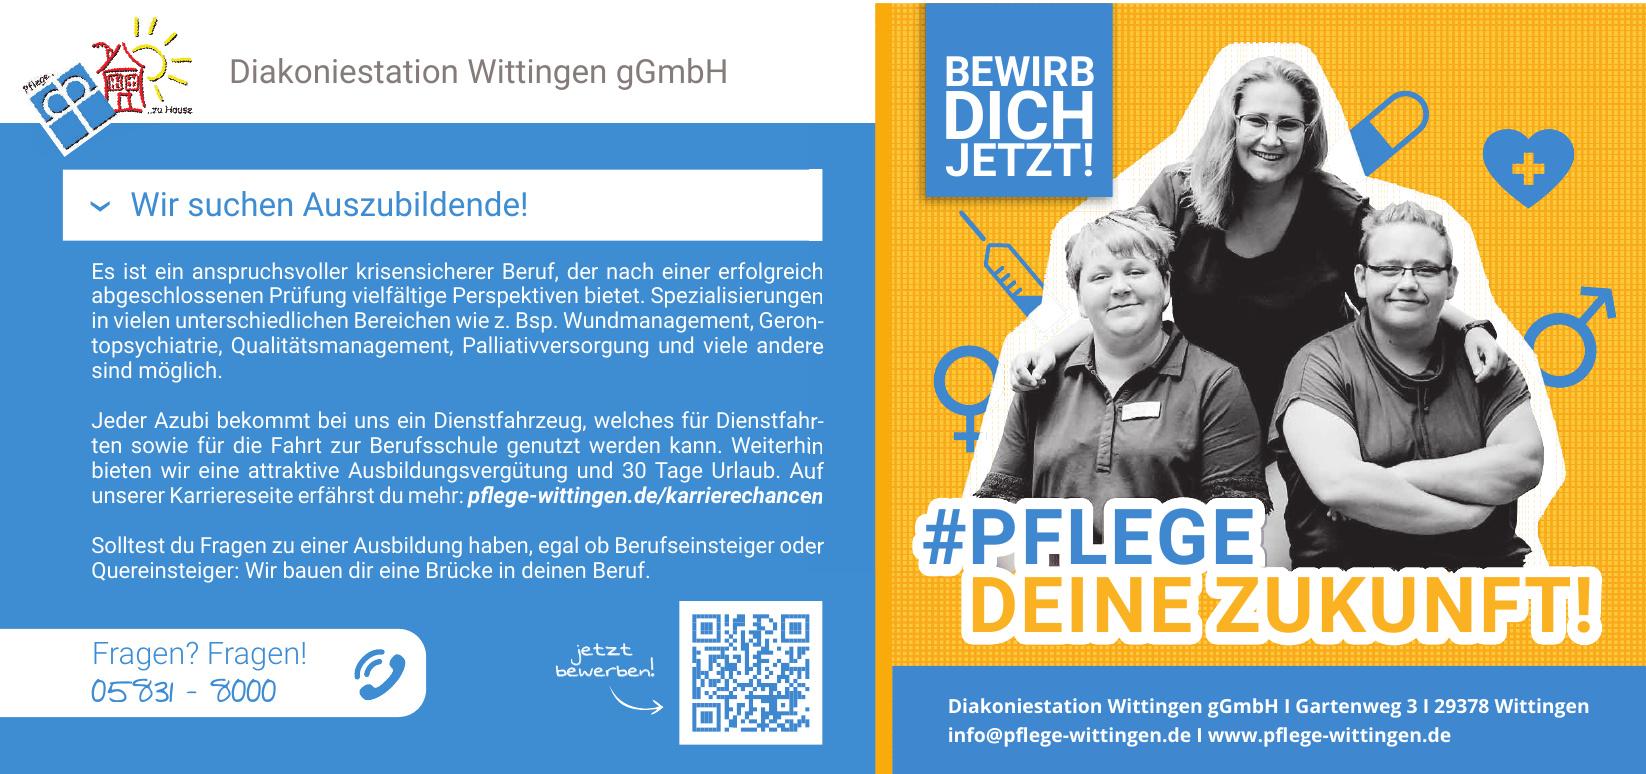 Diakoniestation Wittingen gGmbH